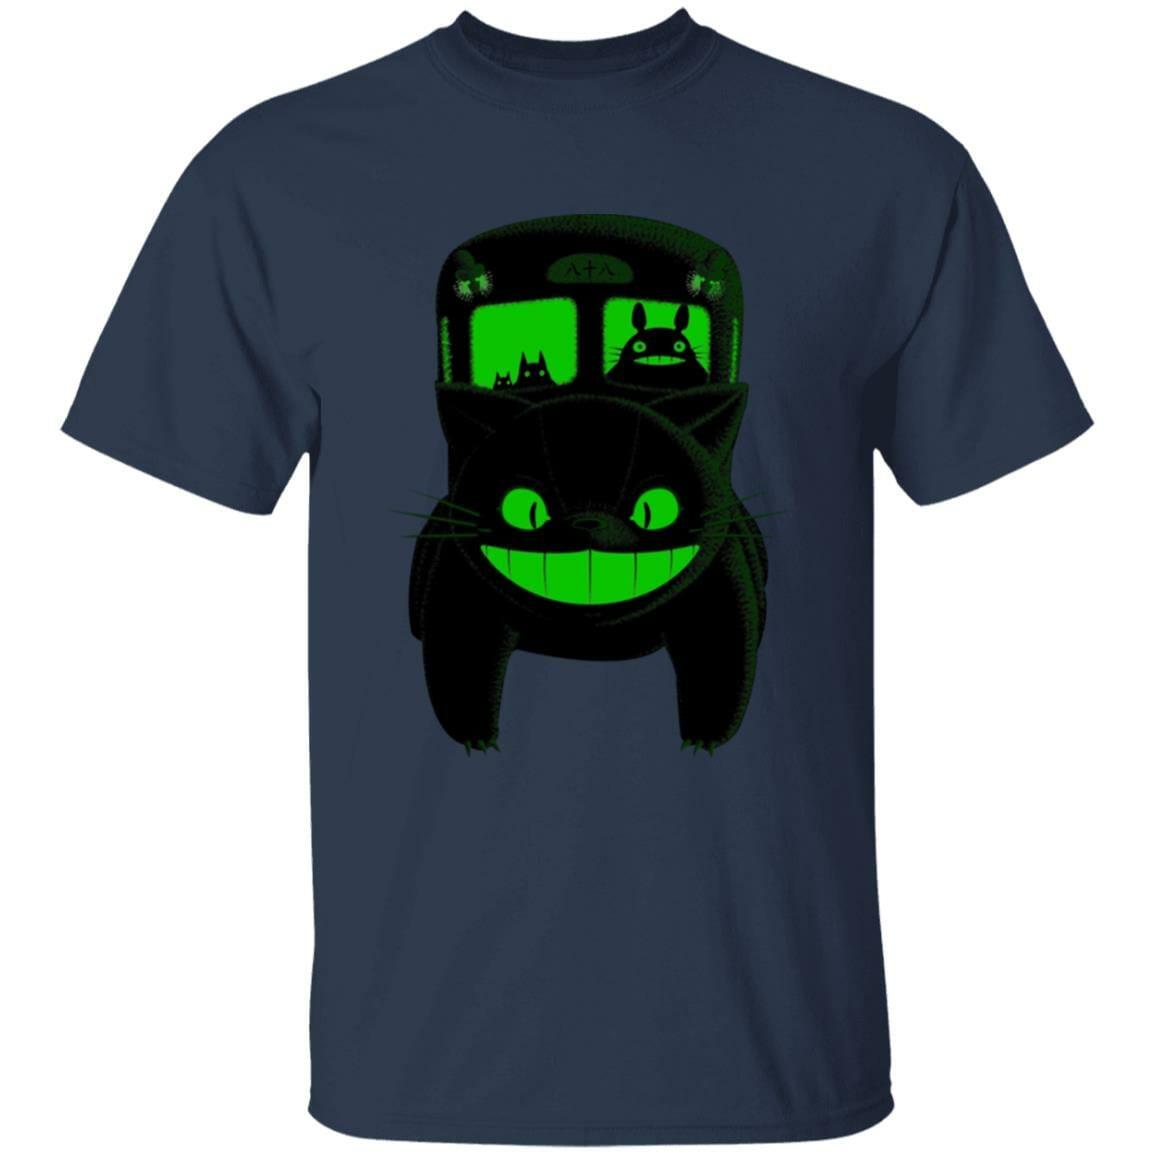 My Neighbor Totoro – Neon Catbus T Shirt